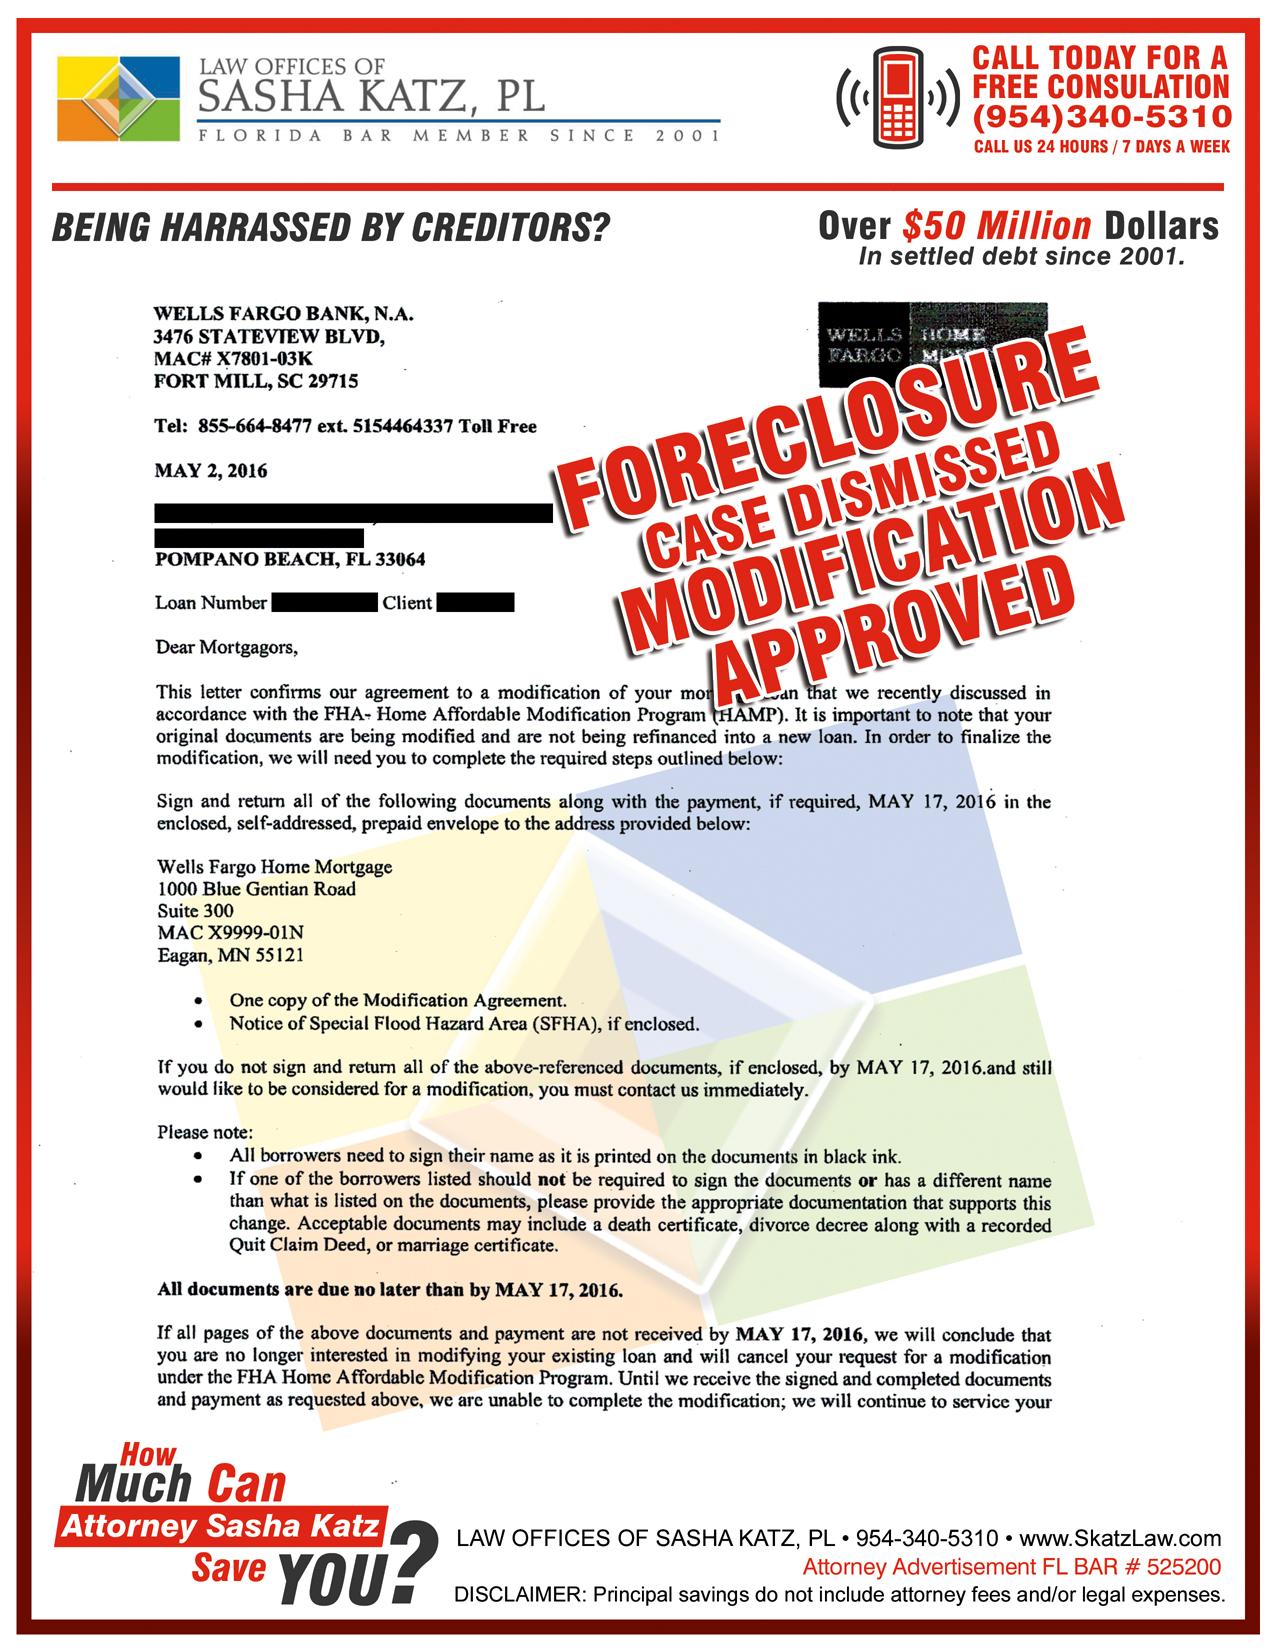 settlement_letter003C